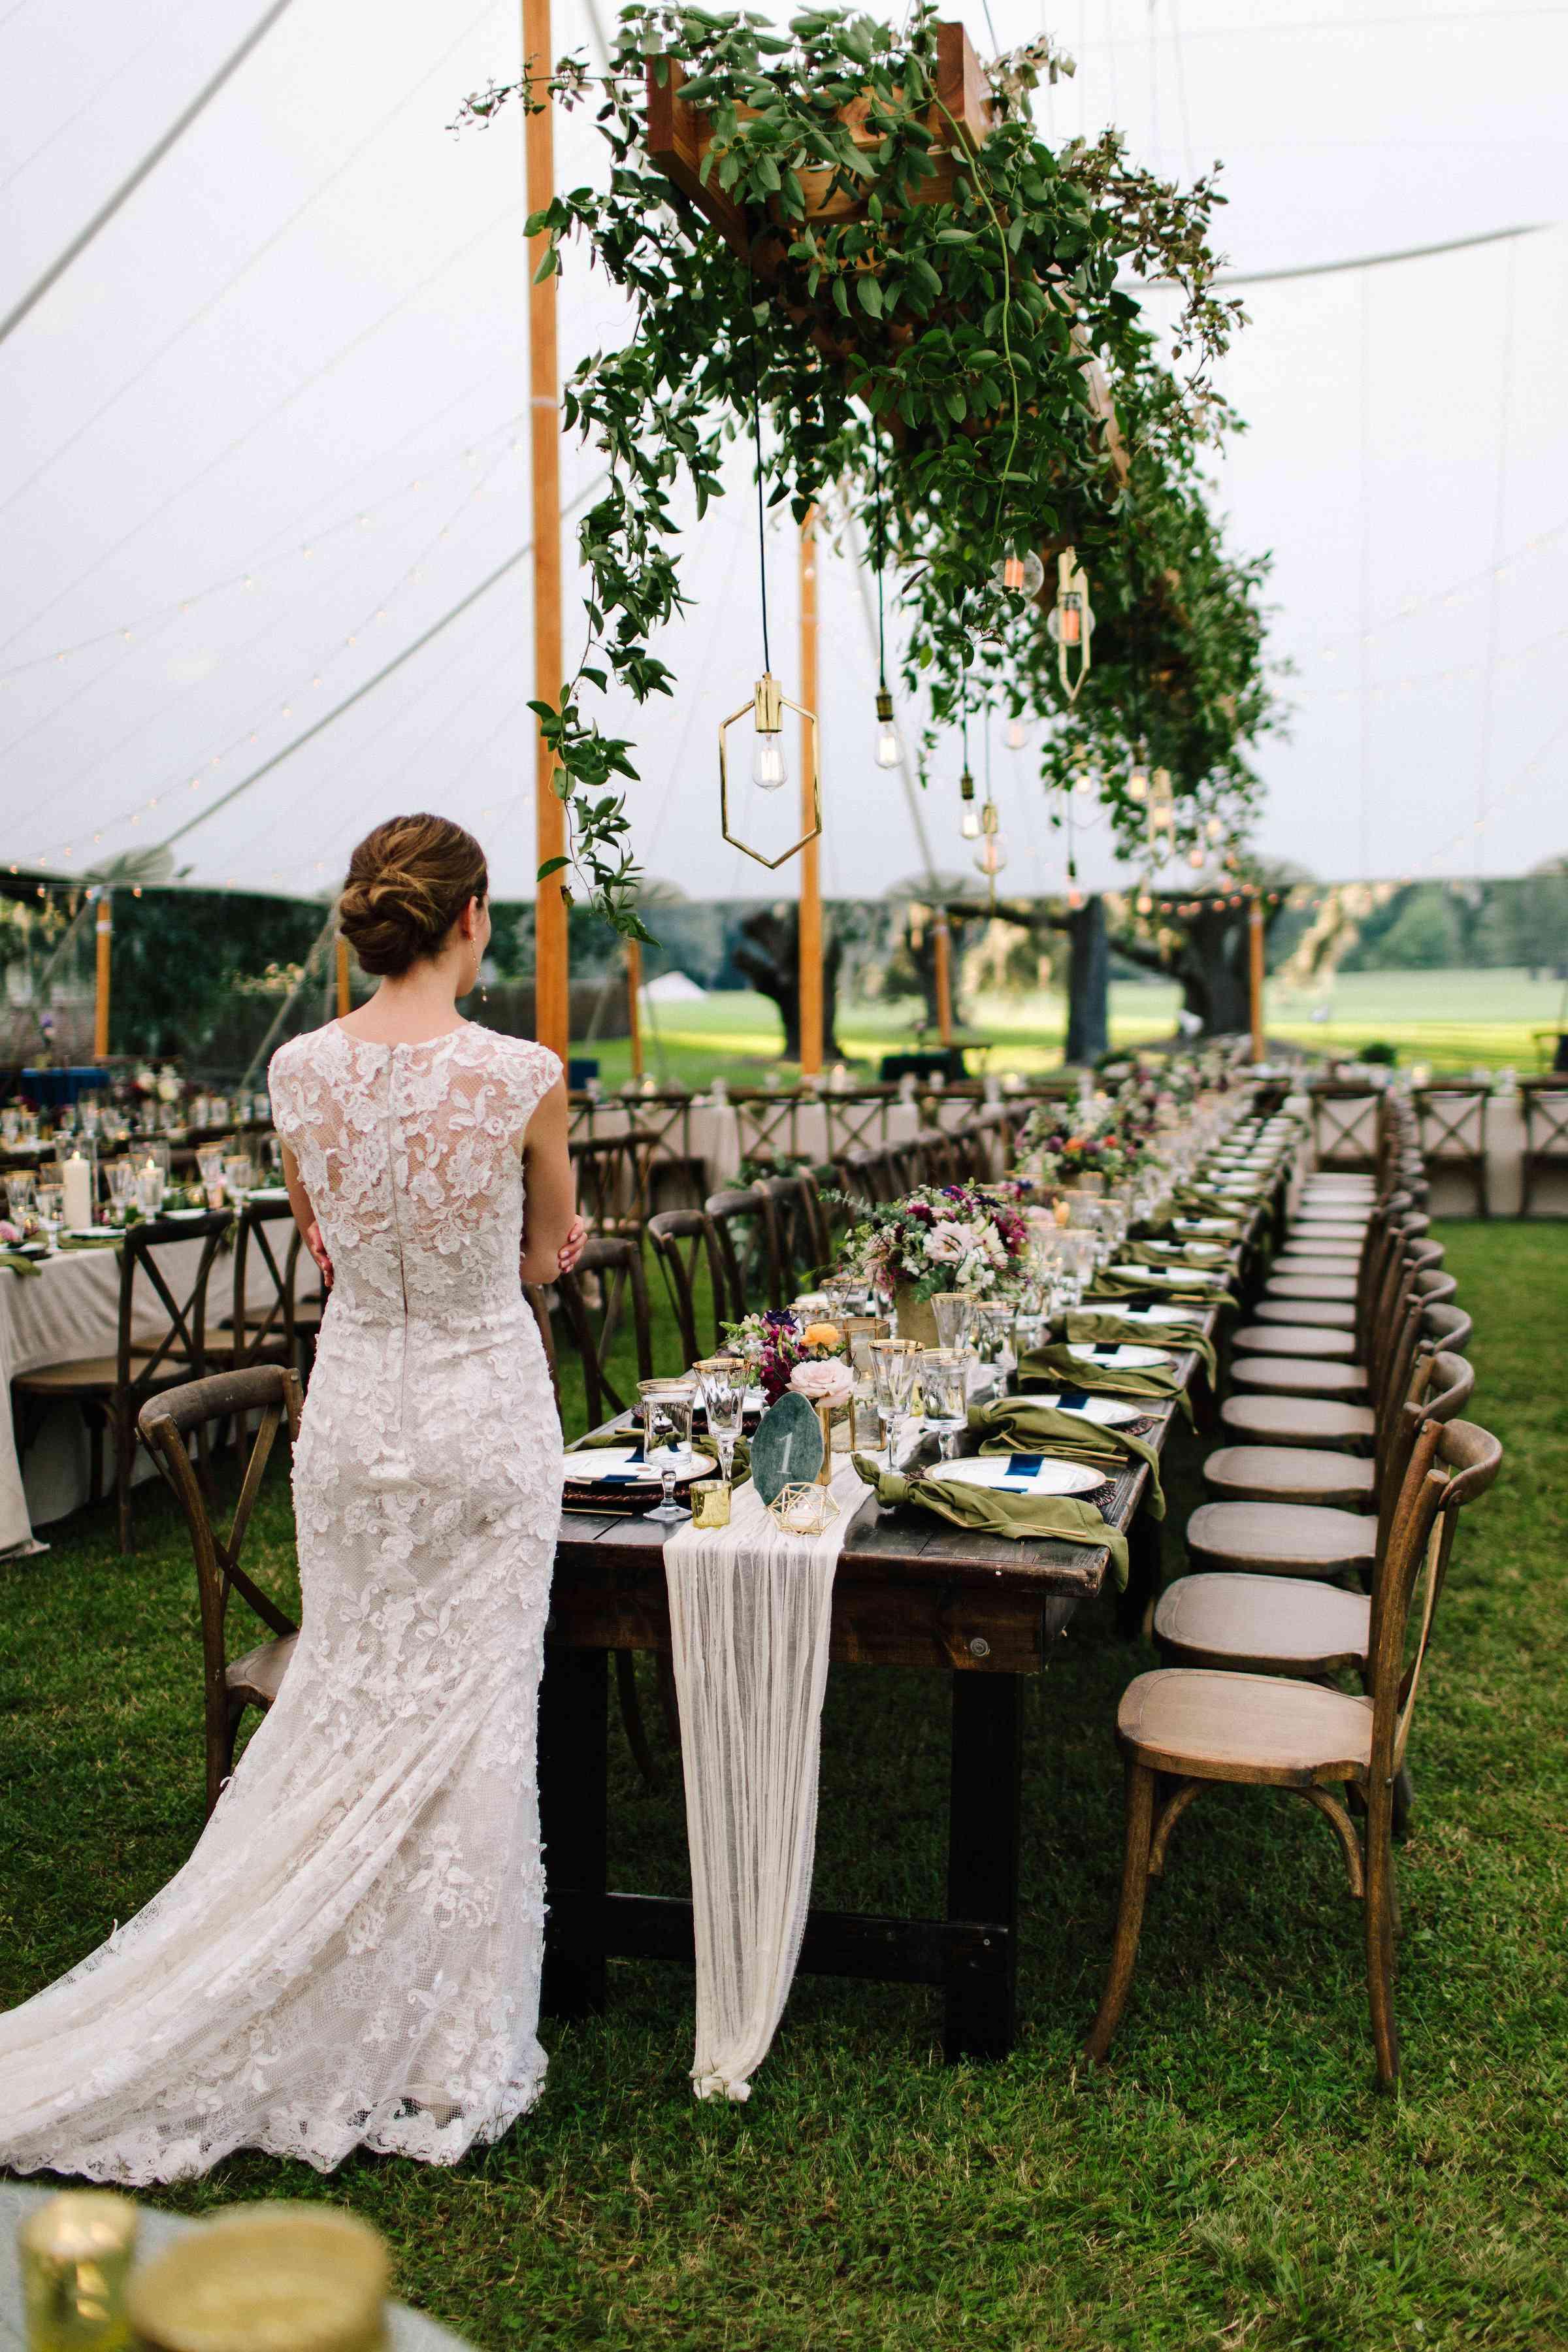 <p>Bride looking at wedding reception table</p><br><br>